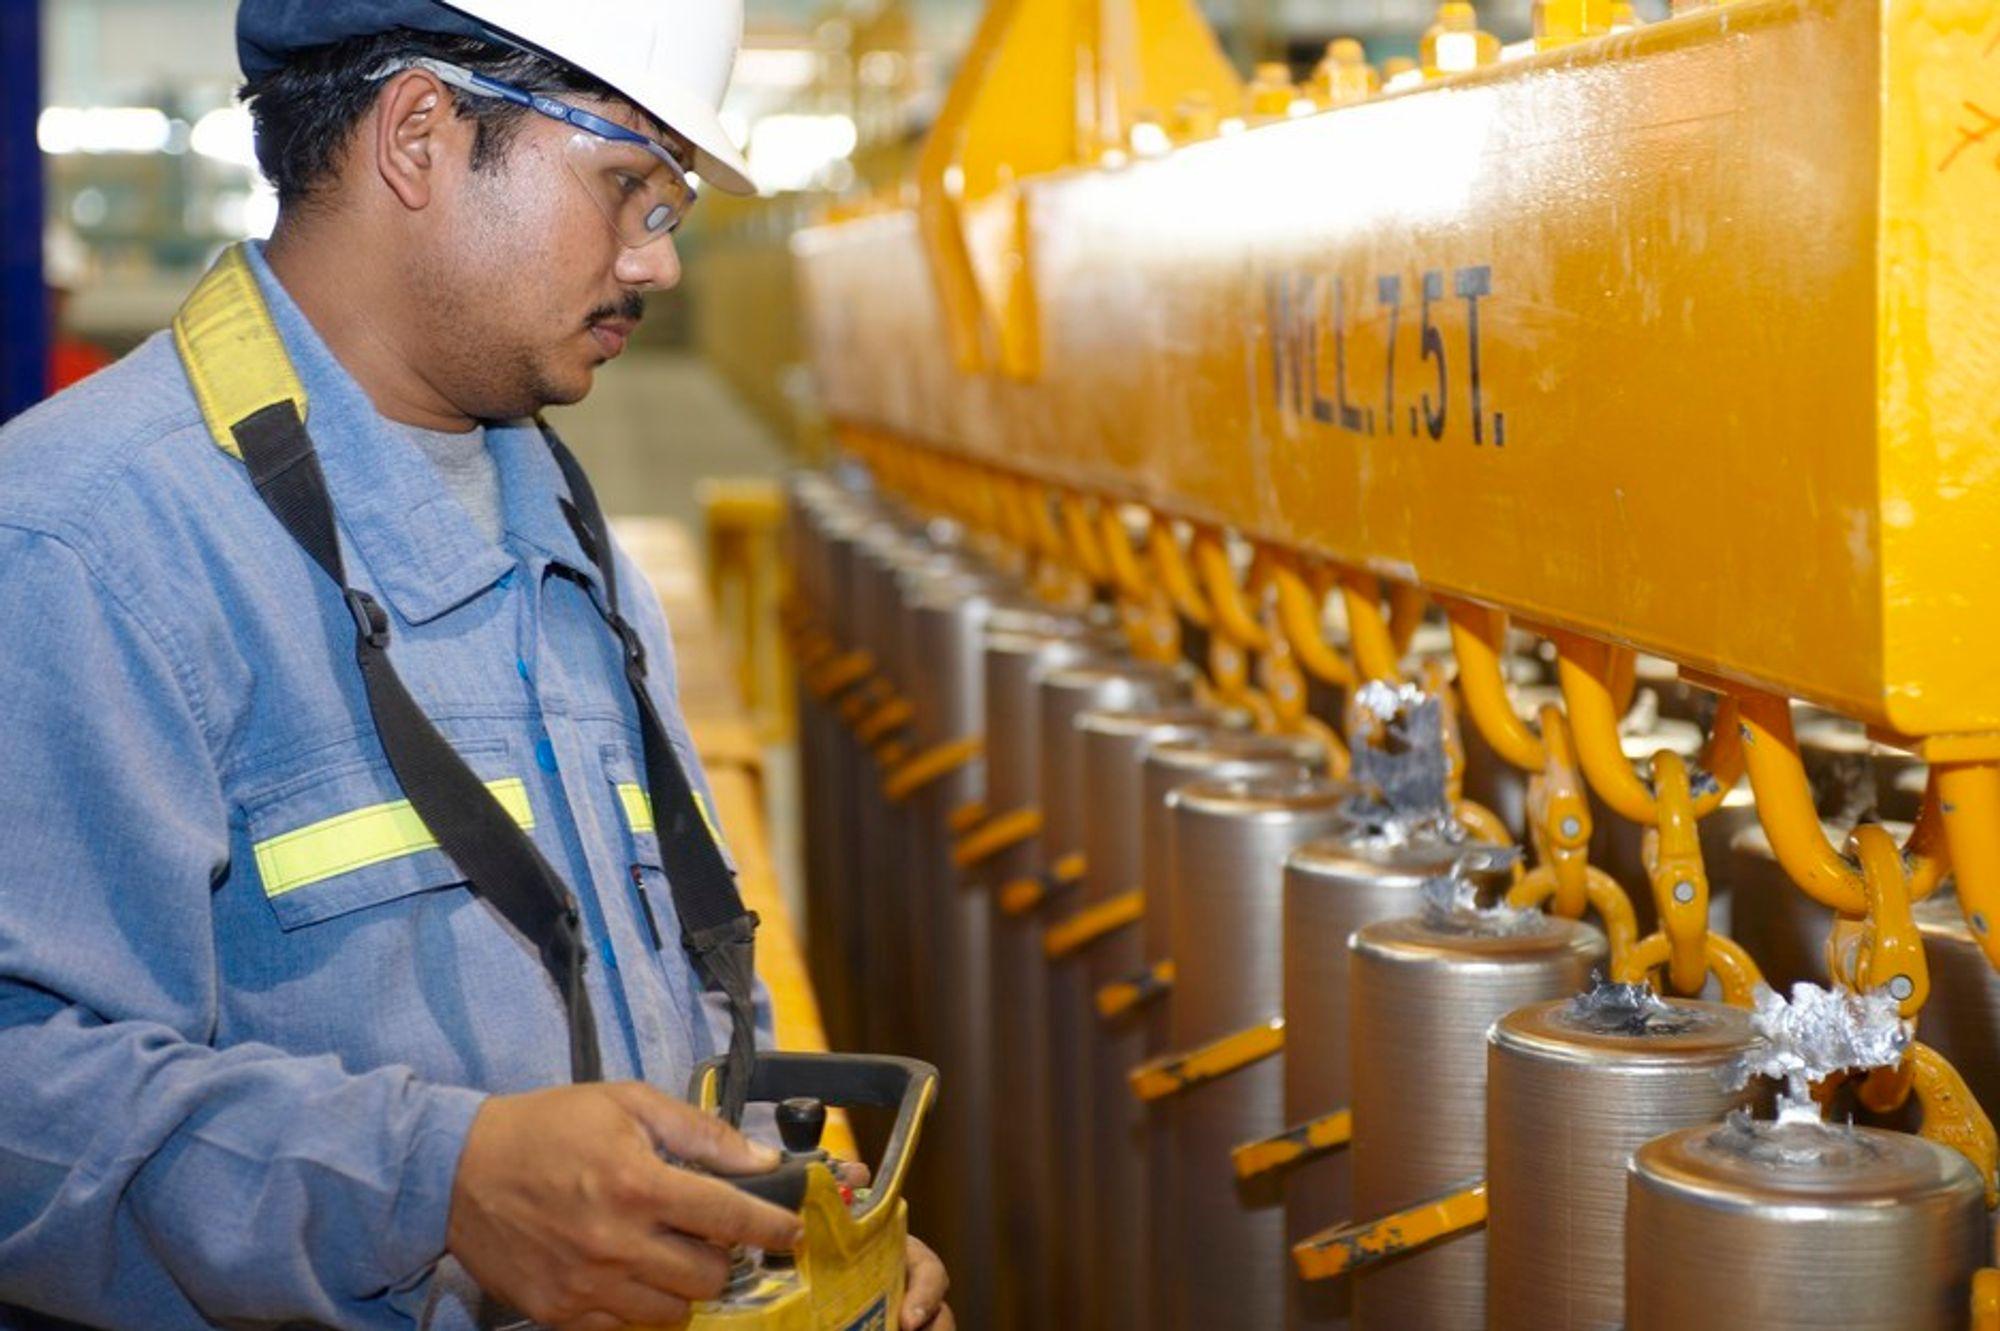 EKSTERN JORDFEIL: Det var en ekstern jordfeil ved Qatalum som førte til strømstansen i Qatar i august. Nå blir det først full produksjon i mars.